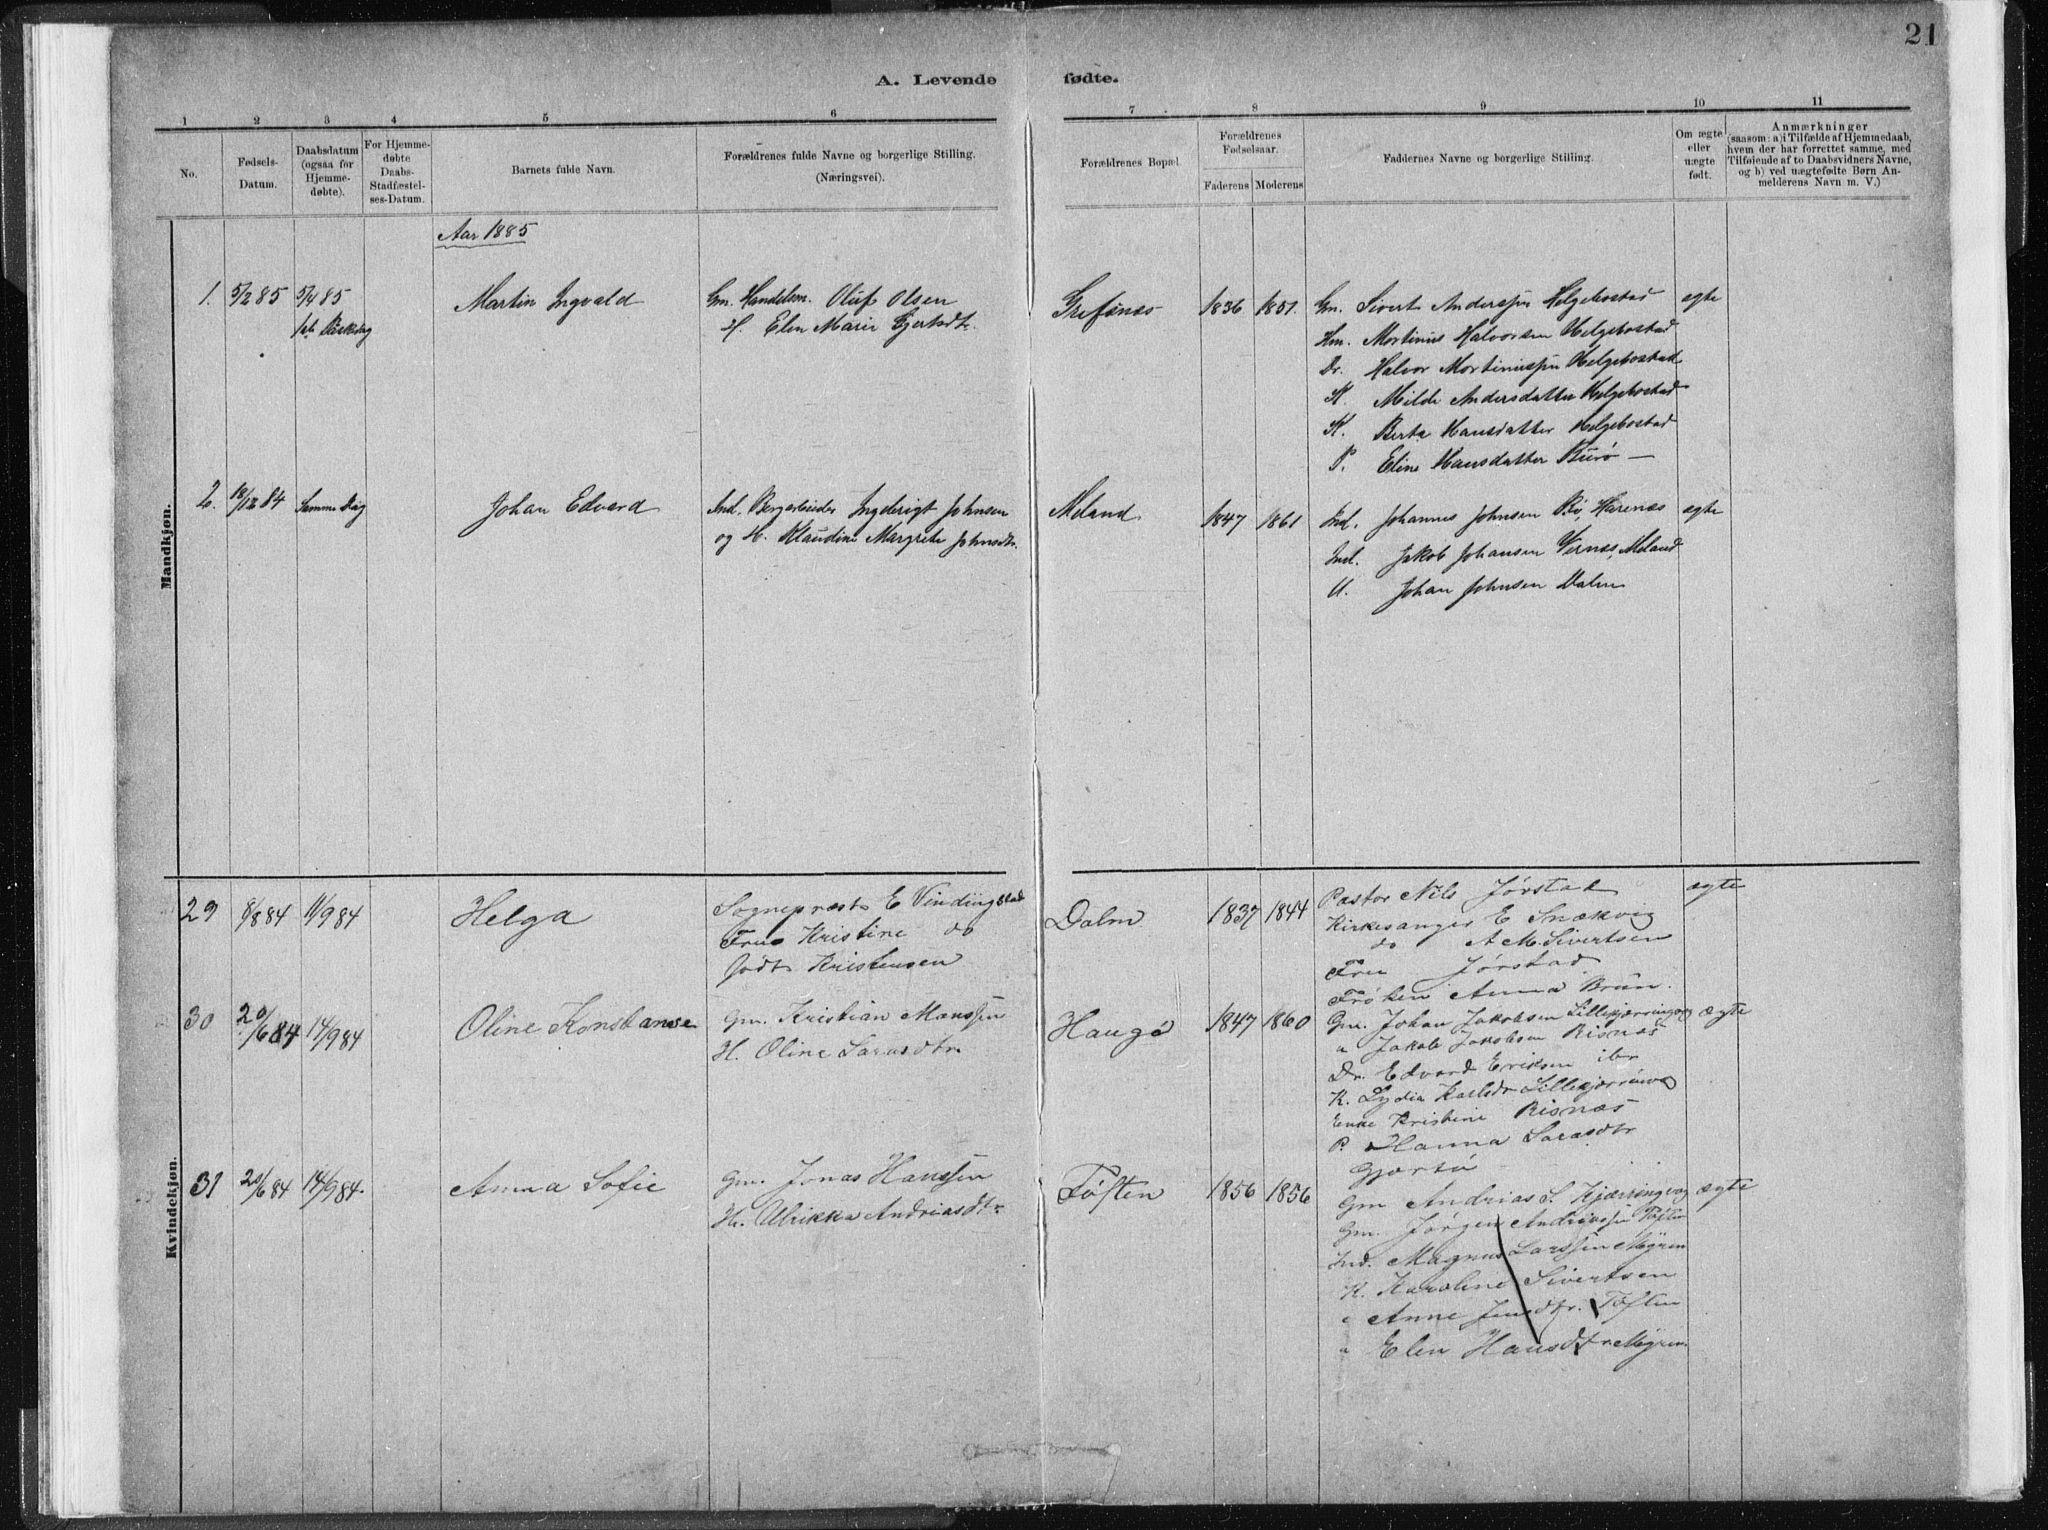 SAT, Ministerialprotokoller, klokkerbøker og fødselsregistre - Sør-Trøndelag, 634/L0533: Ministerialbok nr. 634A09, 1882-1901, s. 21